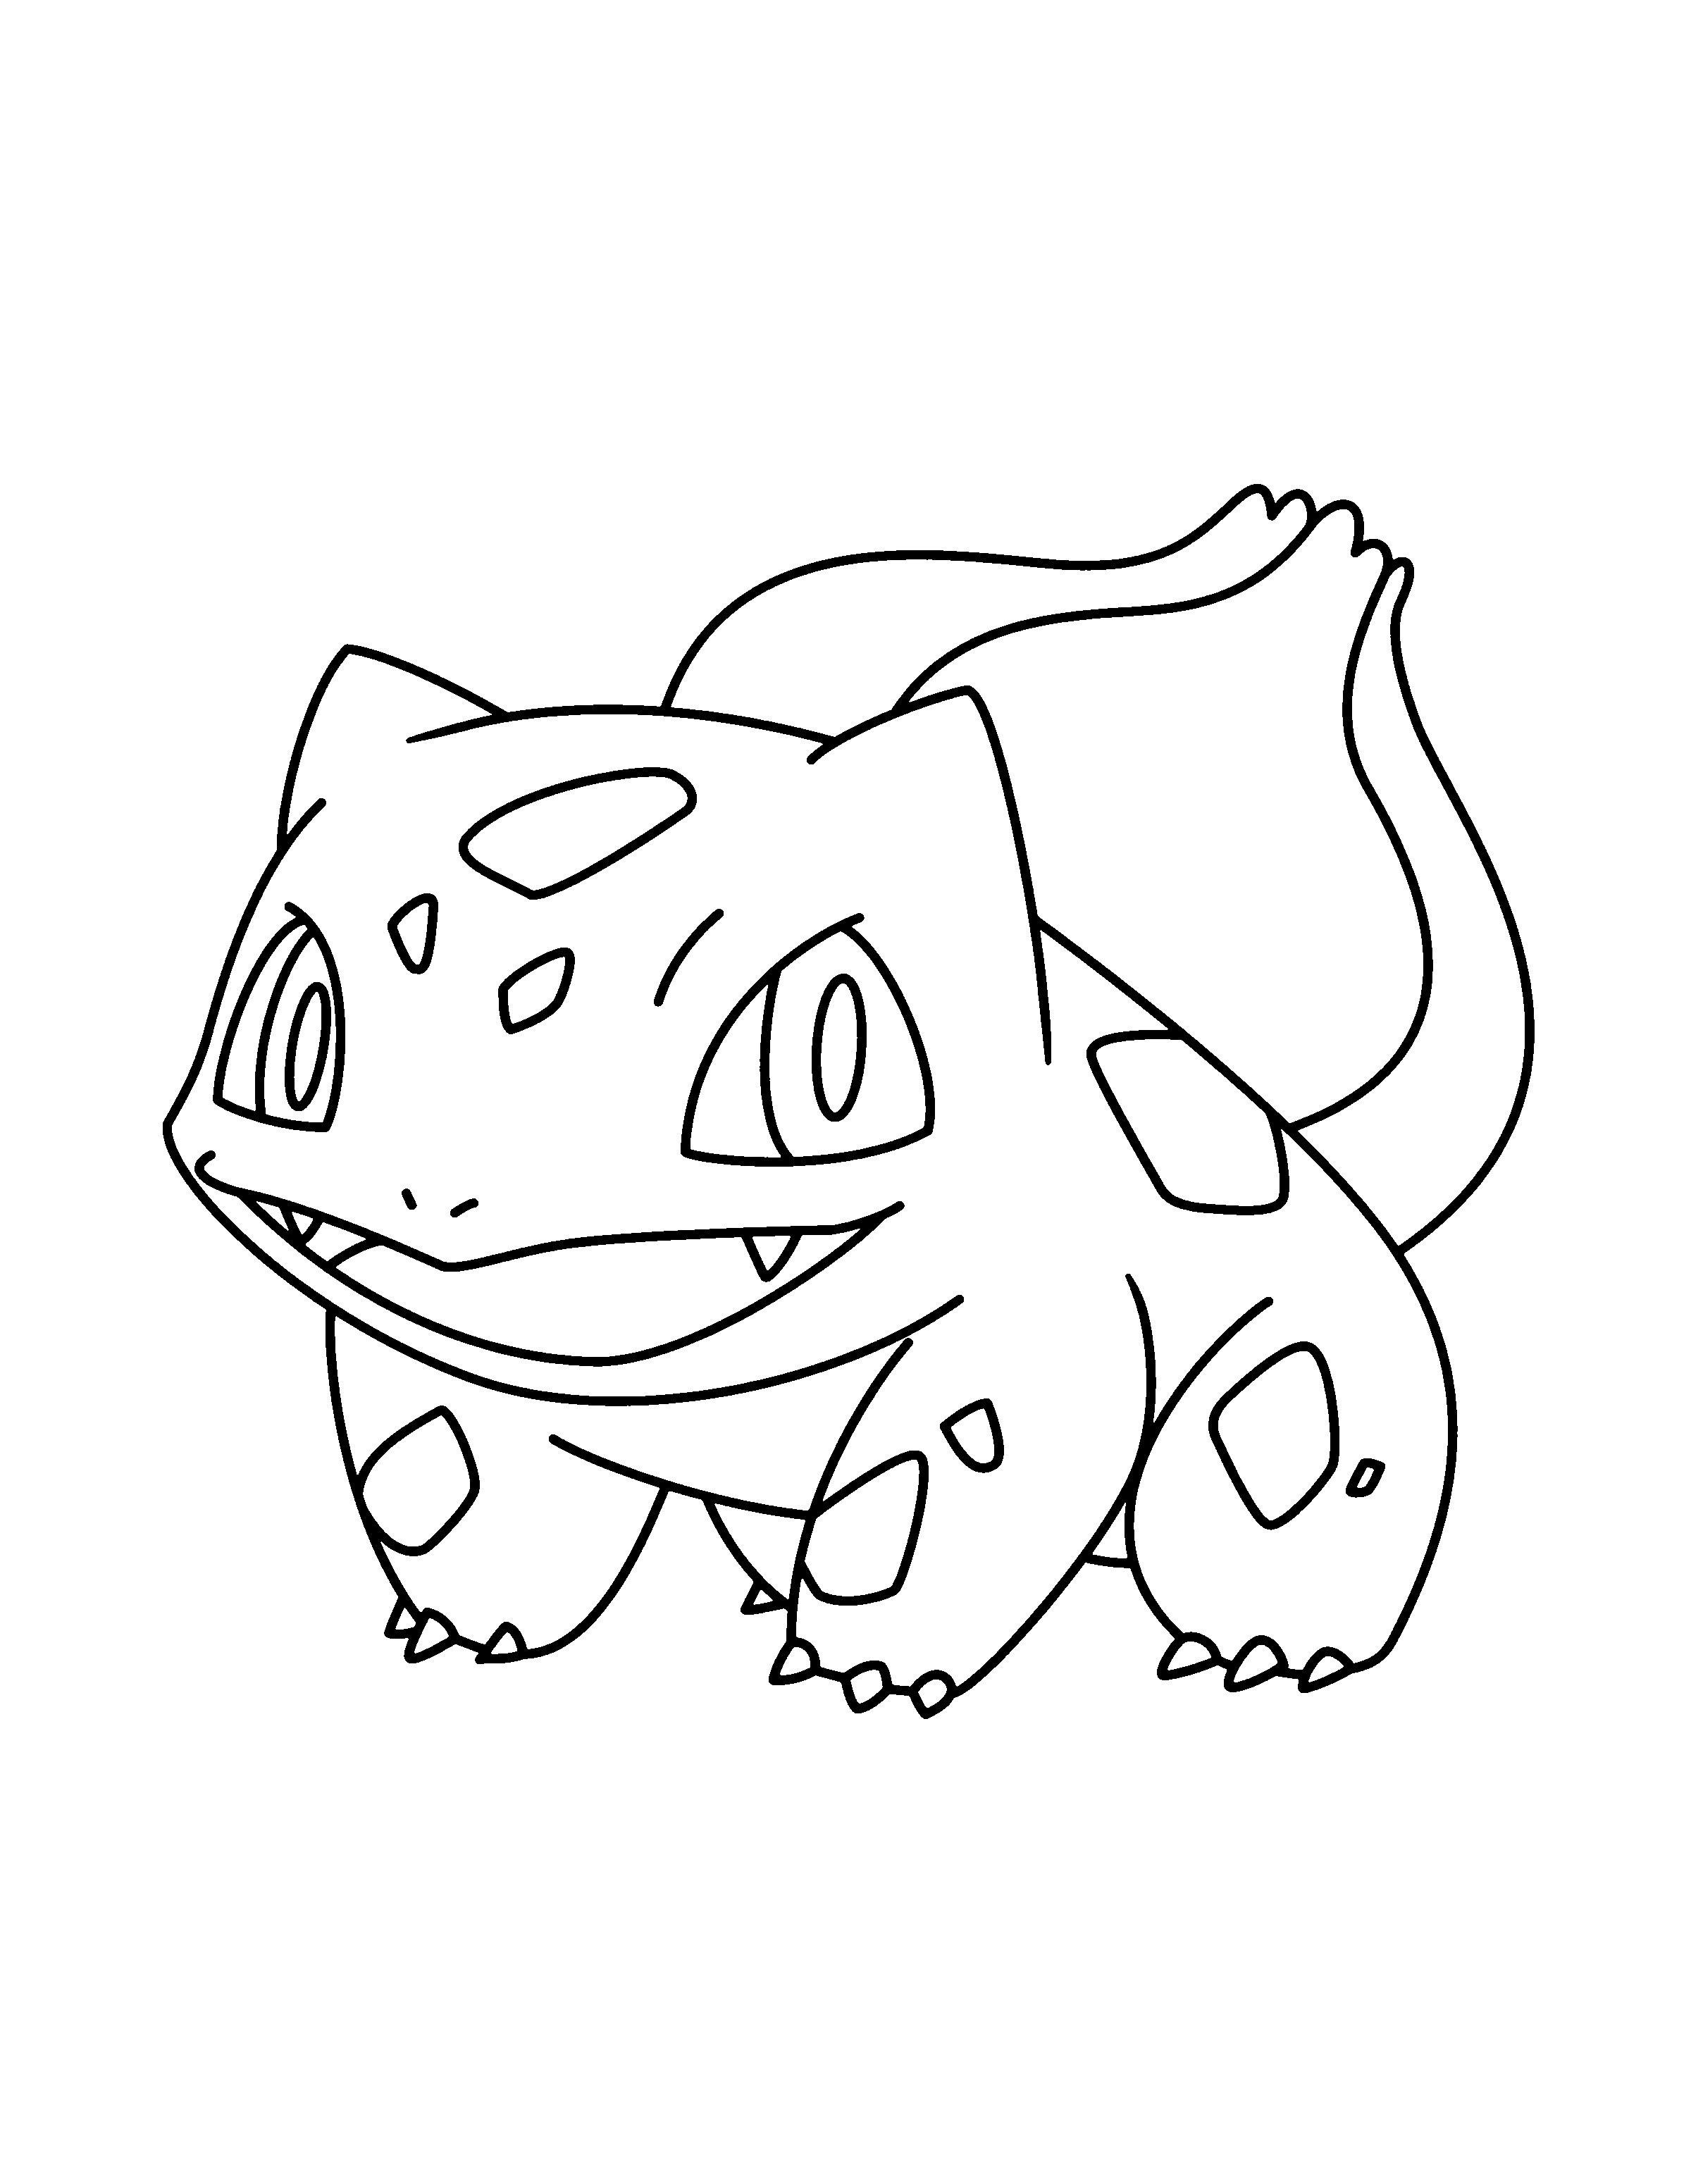 Ausmalbilder Pokemon Ausdrucken Frisch Ausmalbilder Für Kleinkinder Zum Ausdrucken Malvorlagen Zum Stock